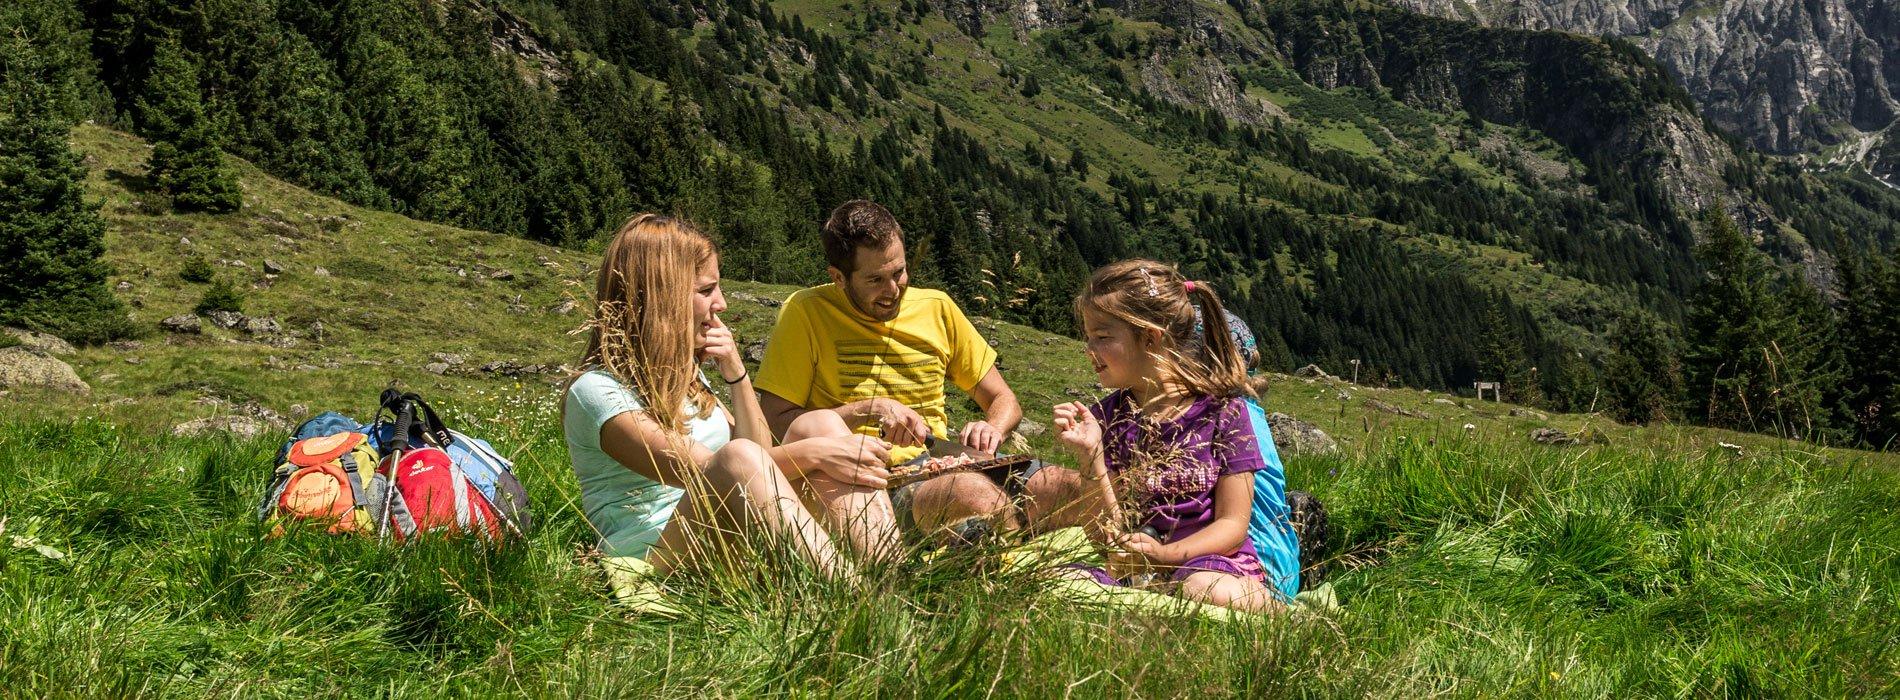 sommerurlaub-in-den-bergen-10